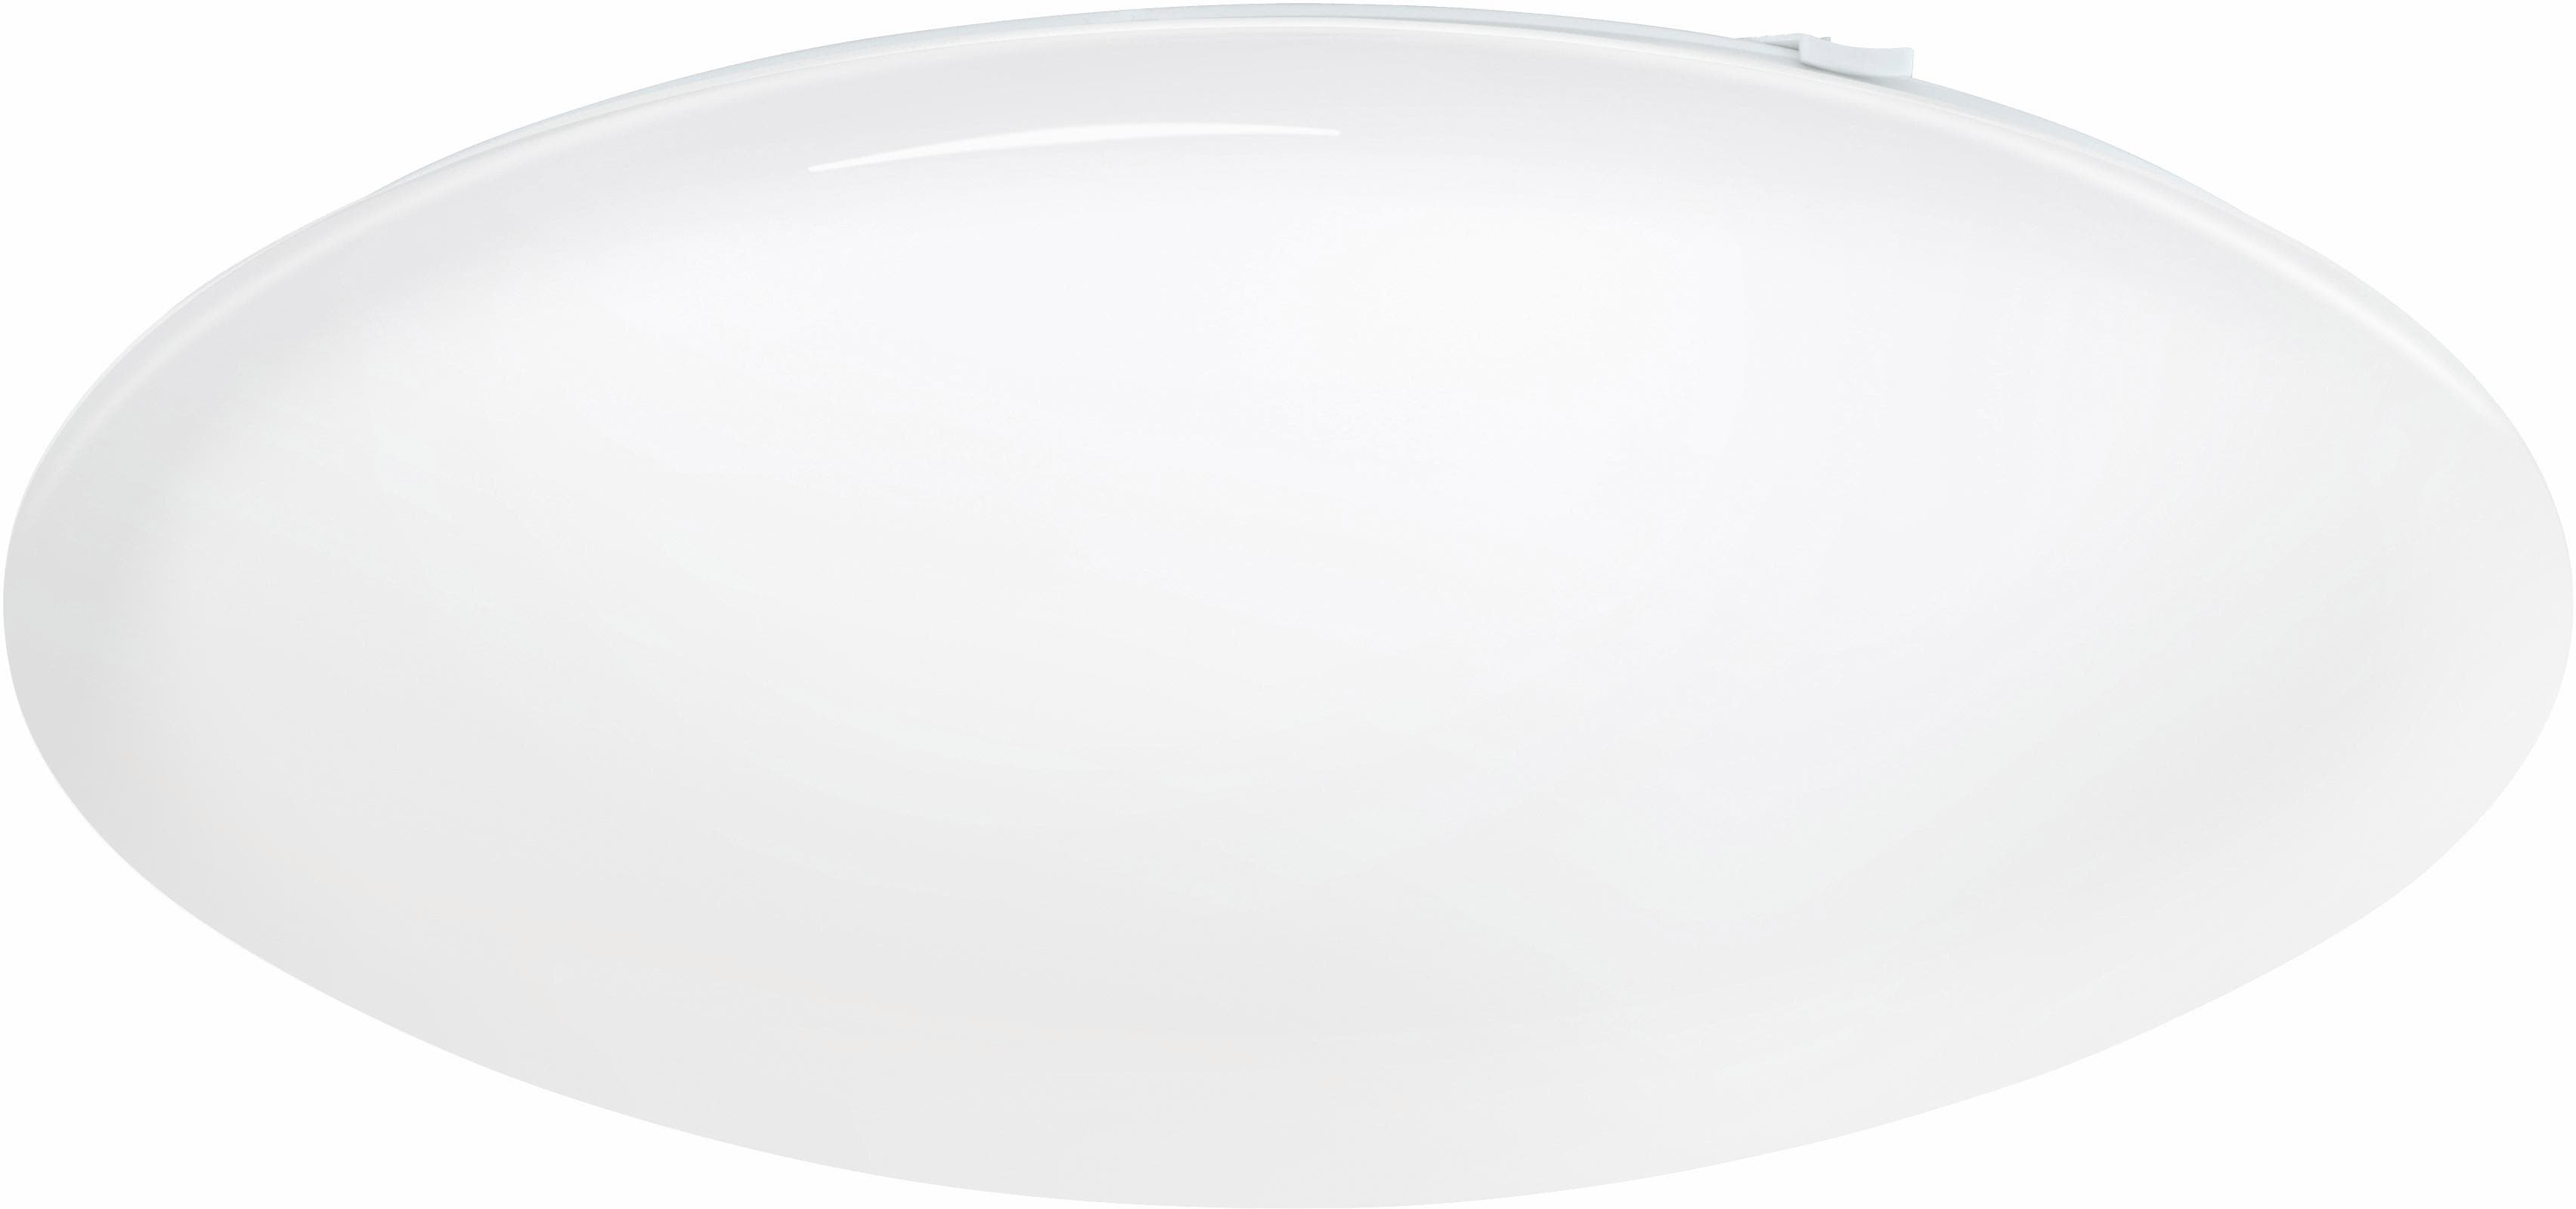 EGLO,LED Deckenleuchte GIRON-M